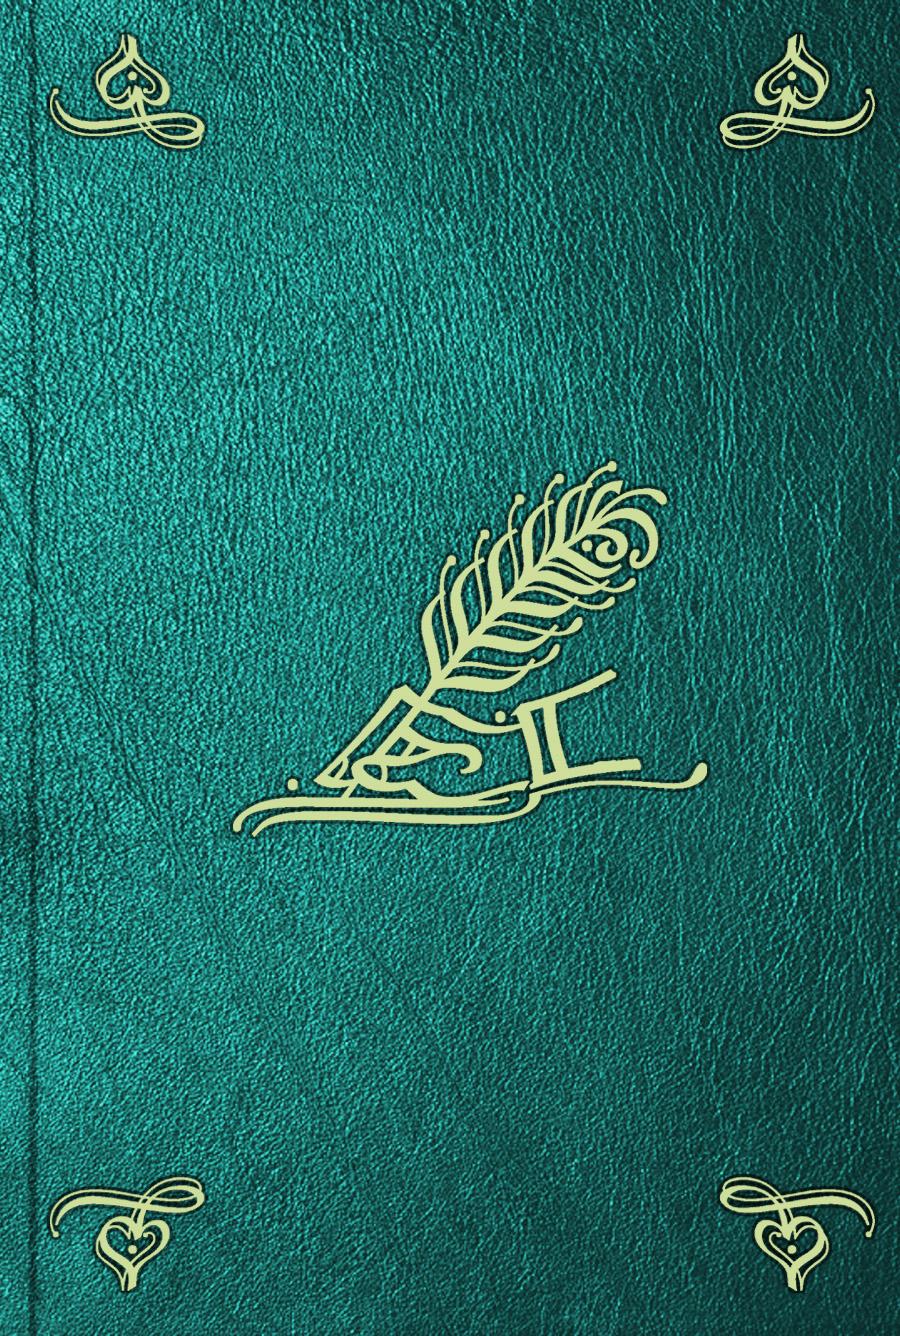 George Annesley Valentia Voyages dans l'Hindoustan, à Ceylon, sur les deux côtes de la Mer rouge, en Abyssinie et en Égypte, durant les années 1802, 1803, 1804, 1805 et 1806. T. 3 vue sur mer® свитер